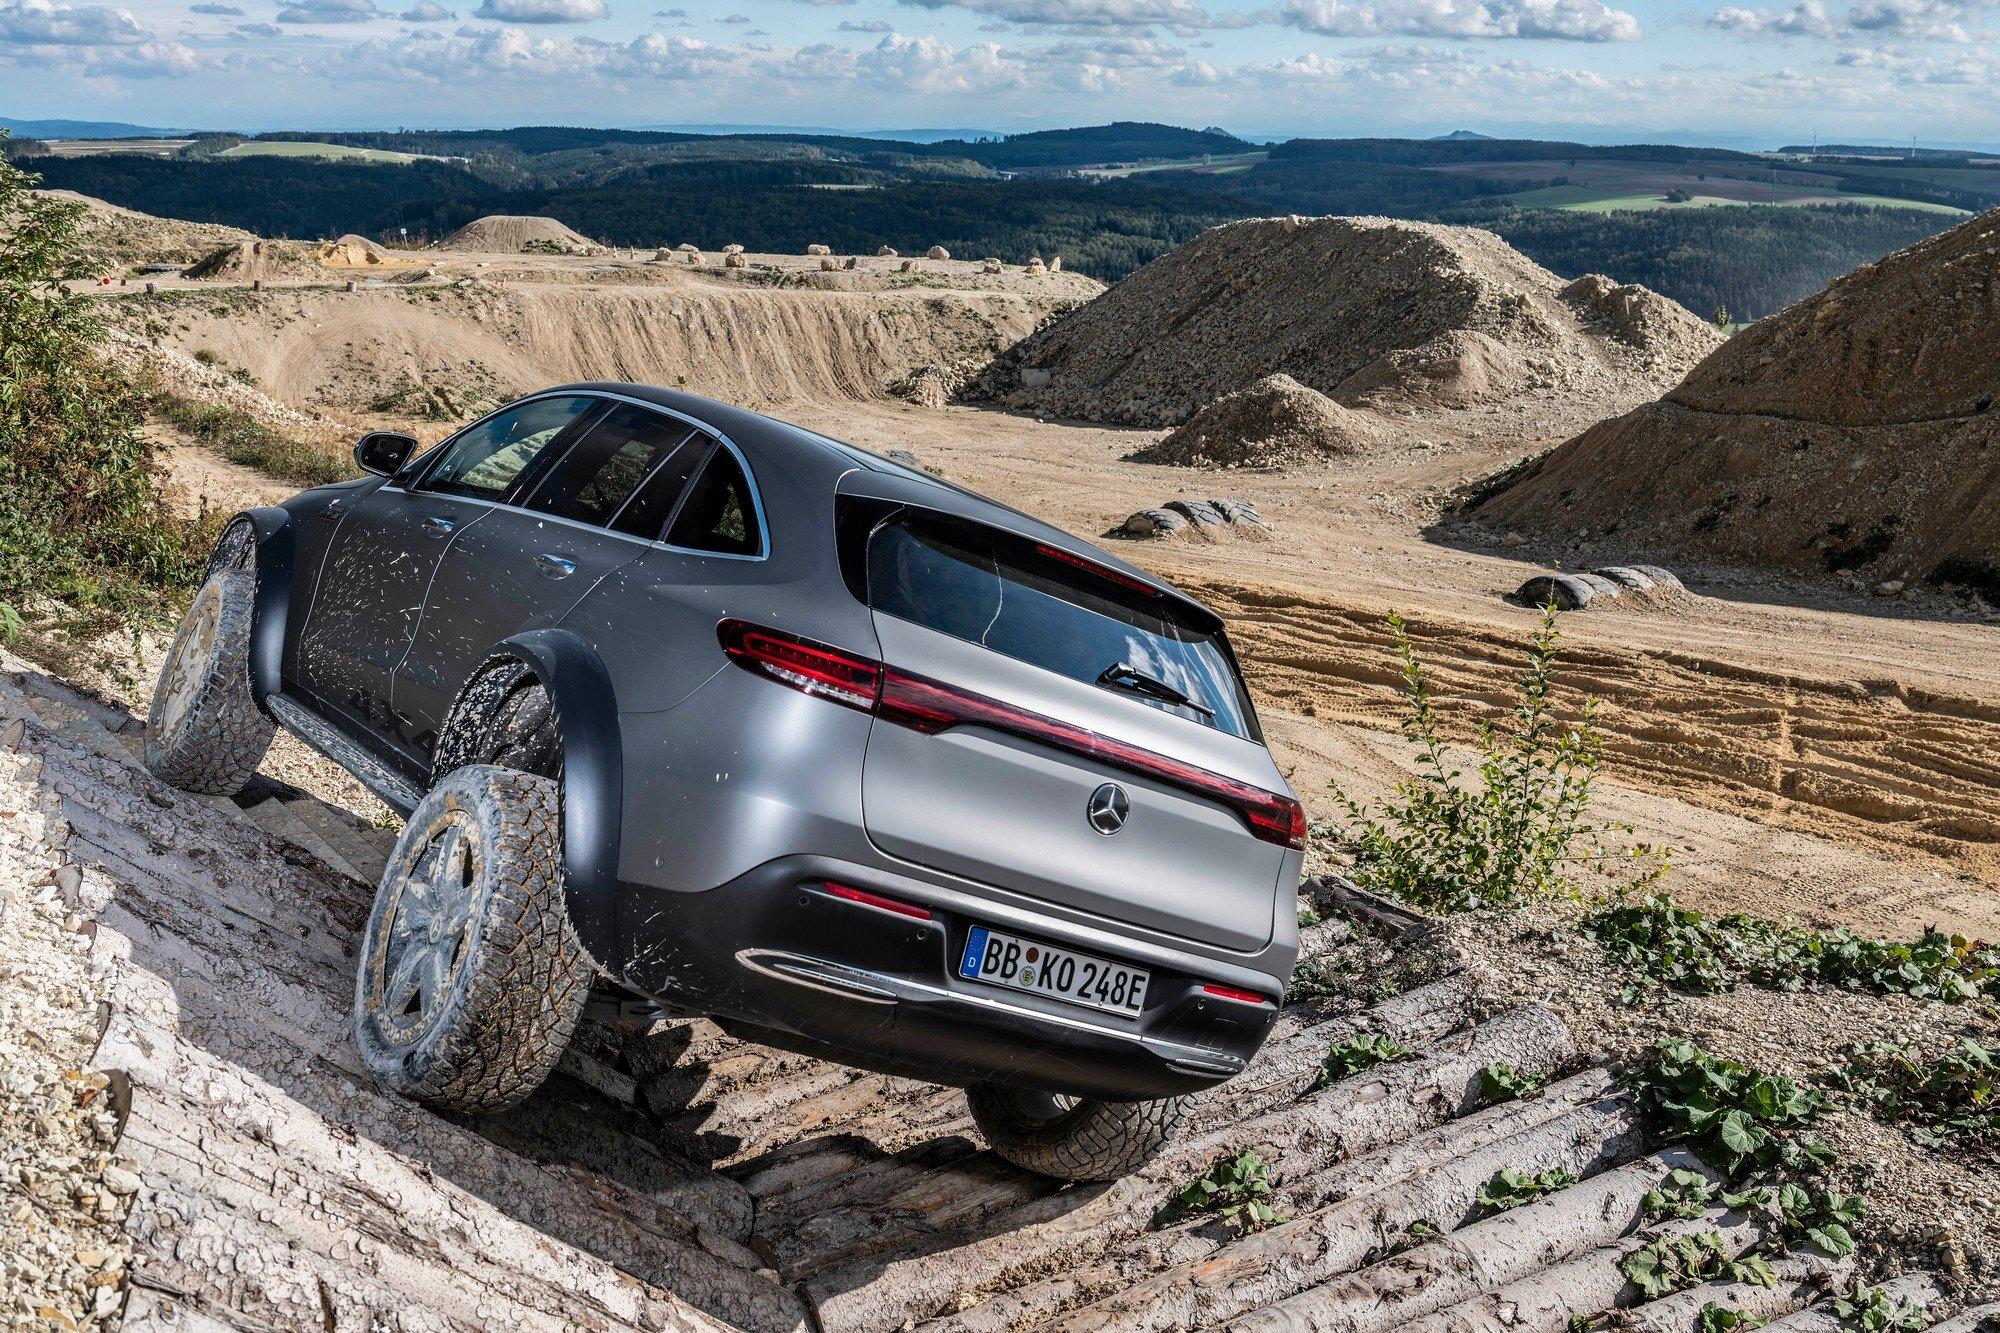 Представлено официальное видео с электрическим внедорожником Mercedes EQC 4×4²